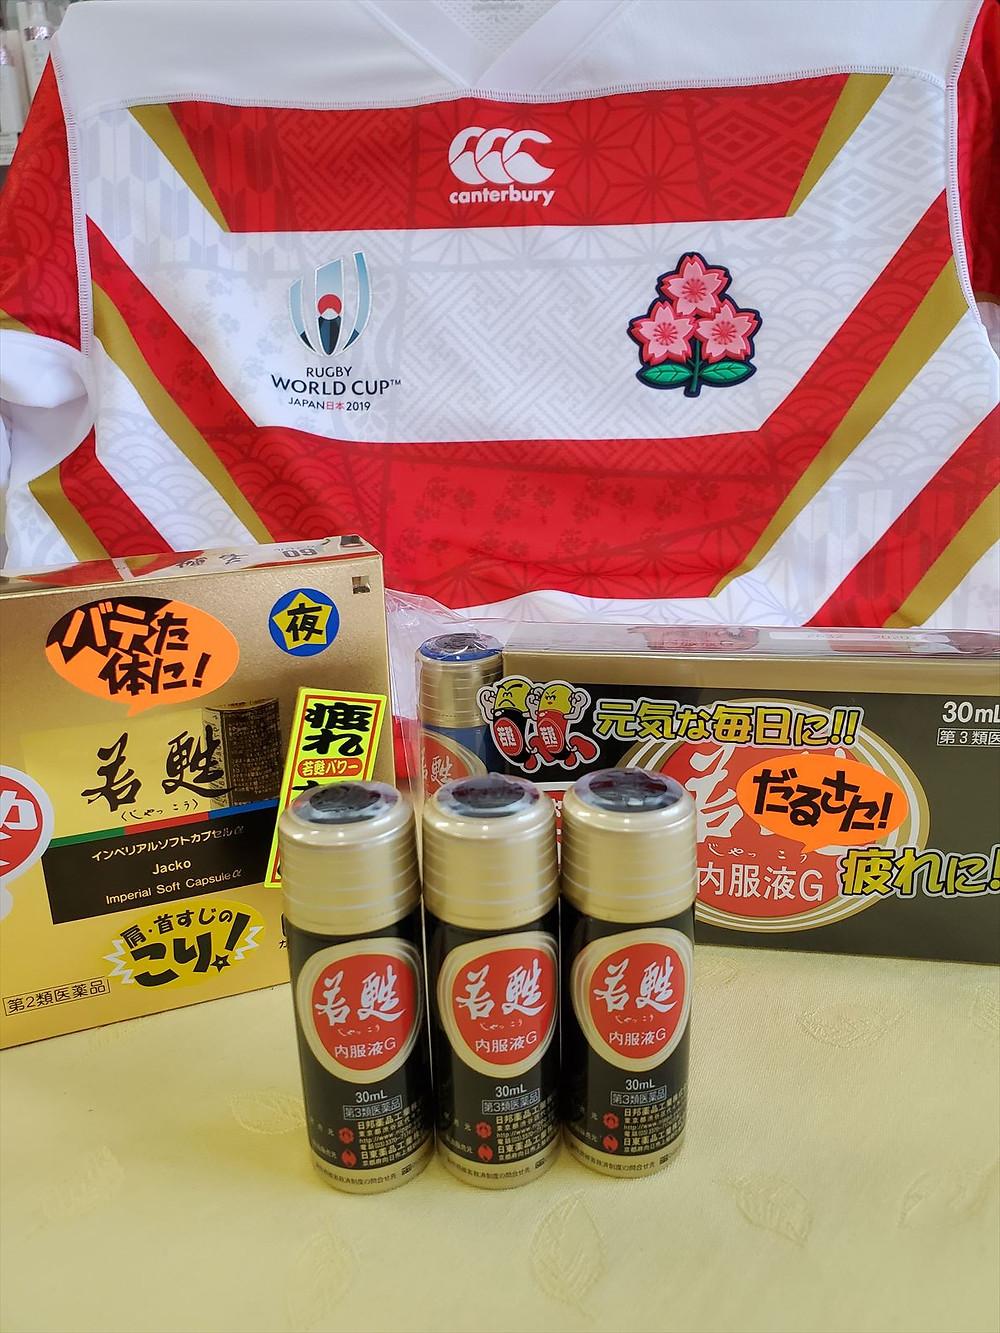 頑張れラグビーワールドカップ日本代表!!疲労回復には若甦(じゃっこう)がおすすめです。くすりの小林は、頑張っているあなたを応援しています。